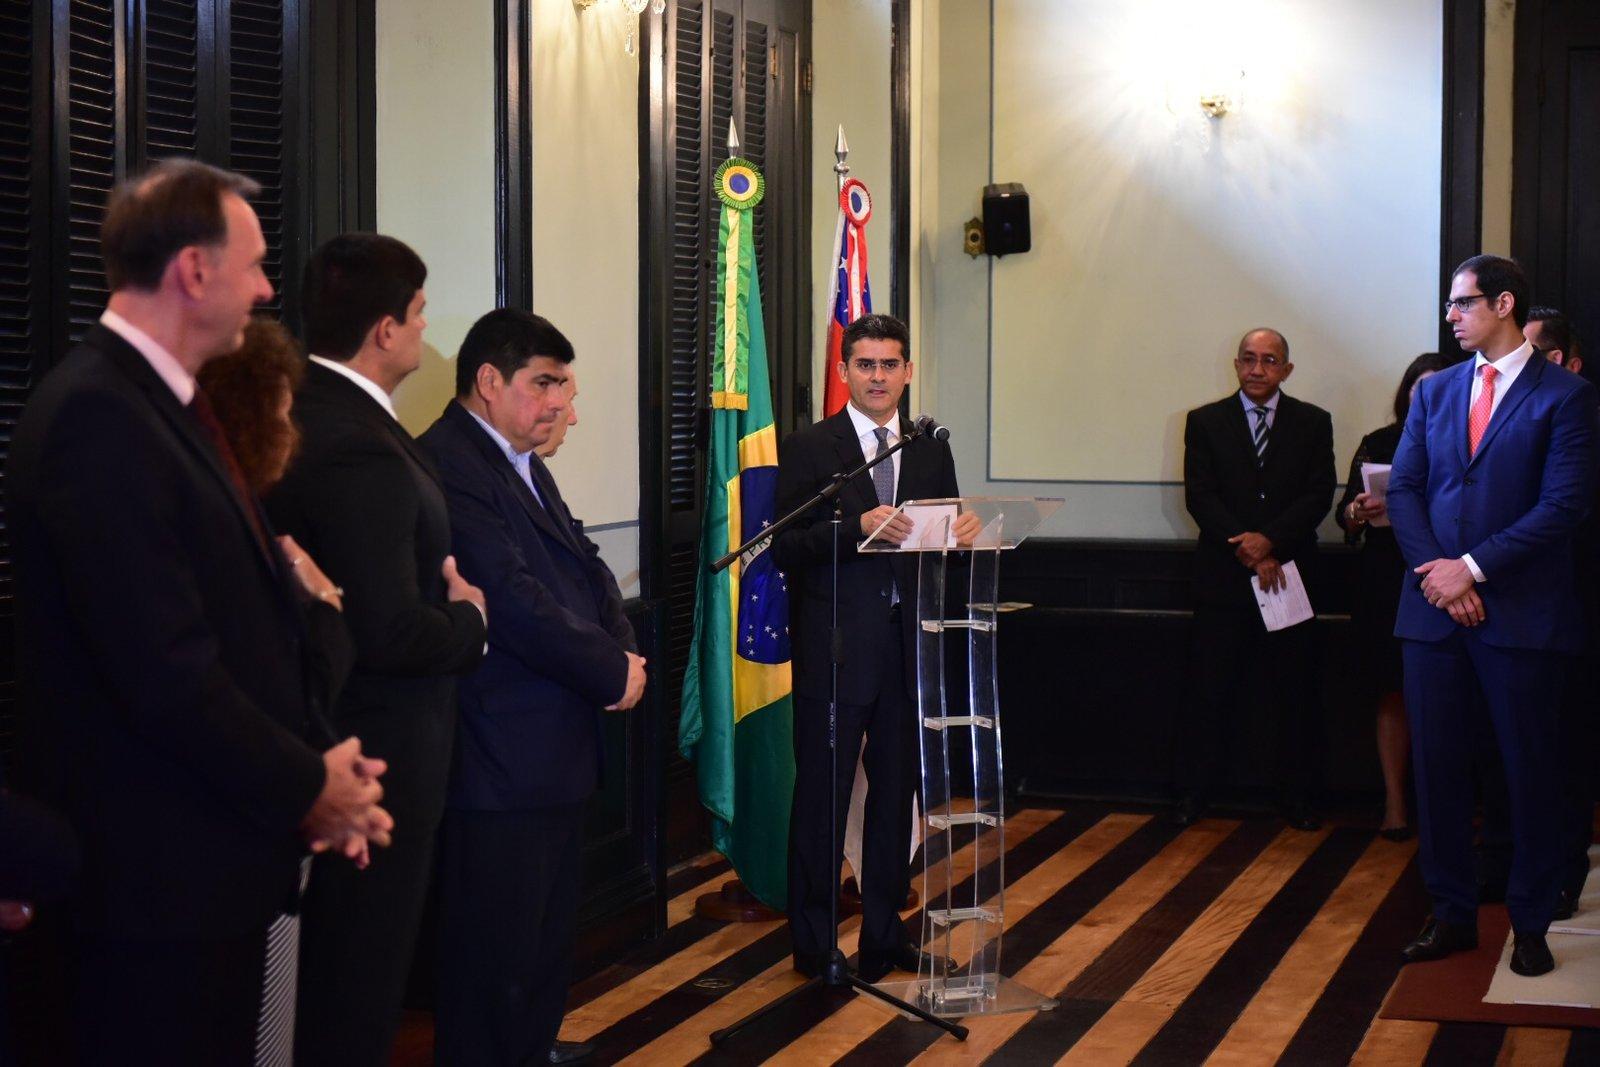 Governador fala de dias melhores para o Amazonas em Solenidade de Cumprimento a Corpo Consular